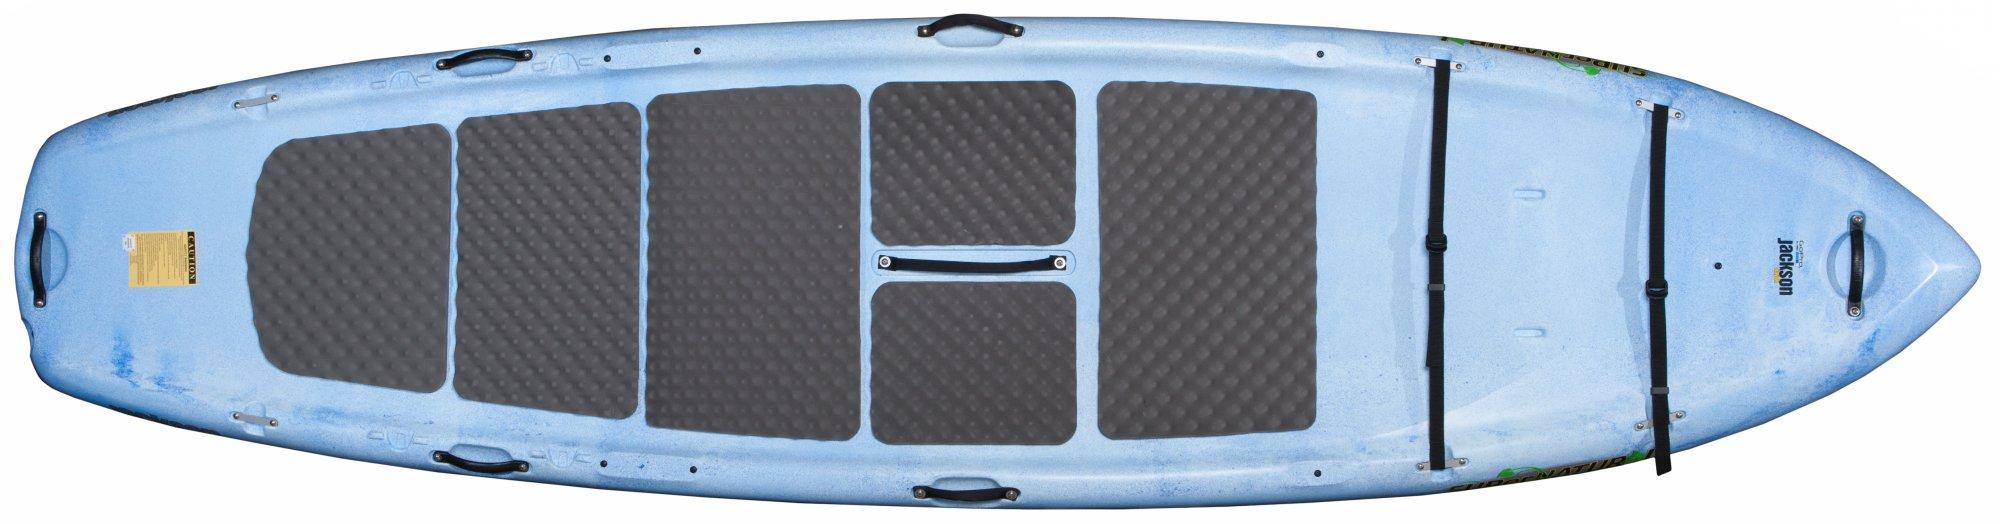 Foam SUP Deck 1/2 w/Adhesive